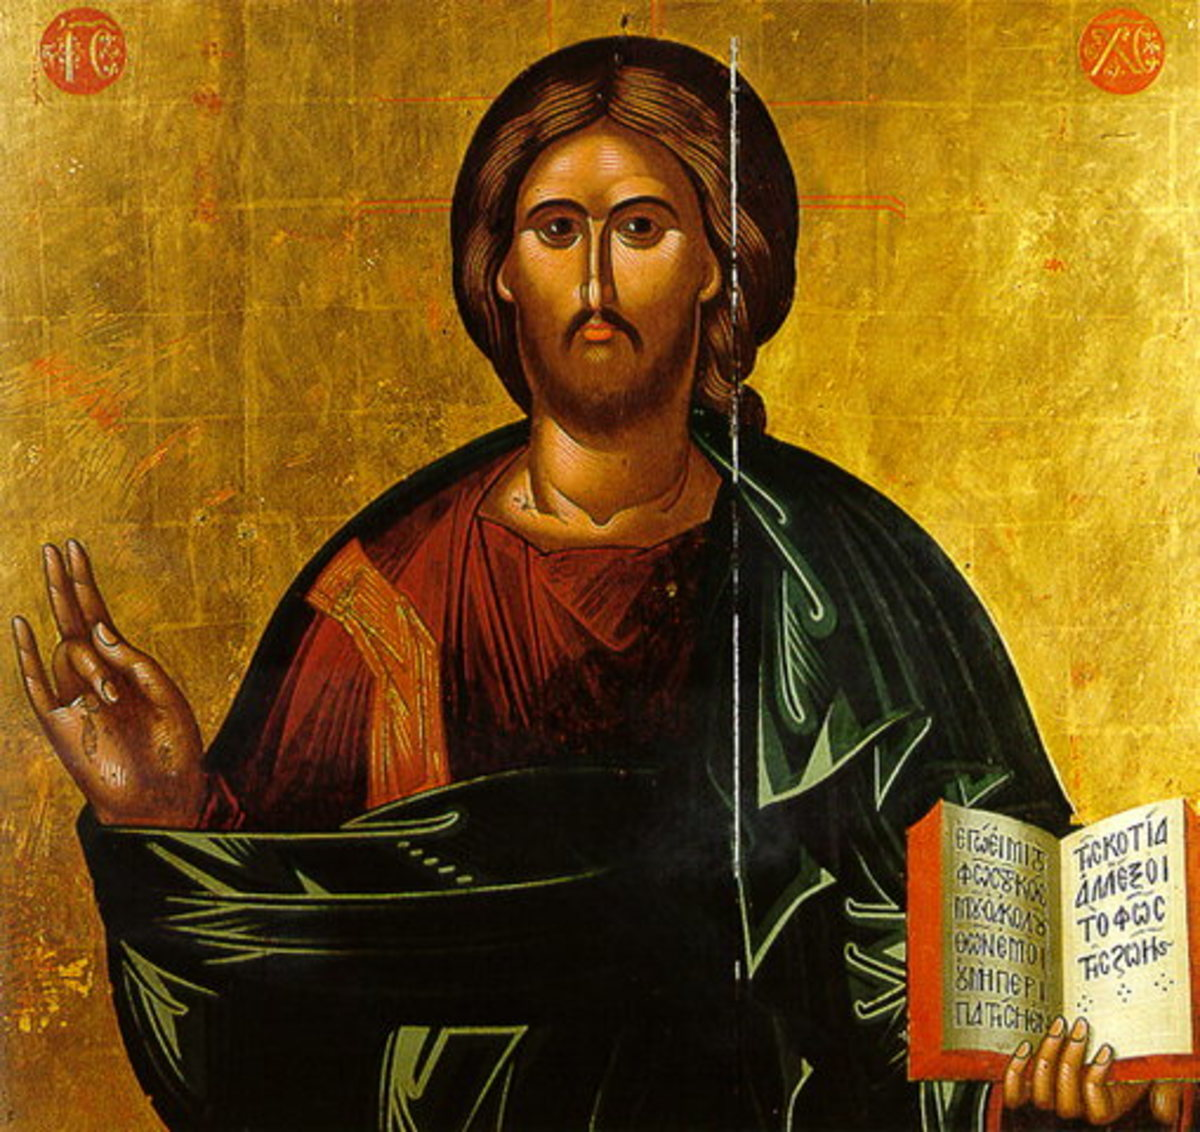 EASTERN ORTHODOX ICON OF JESUS CHRIST